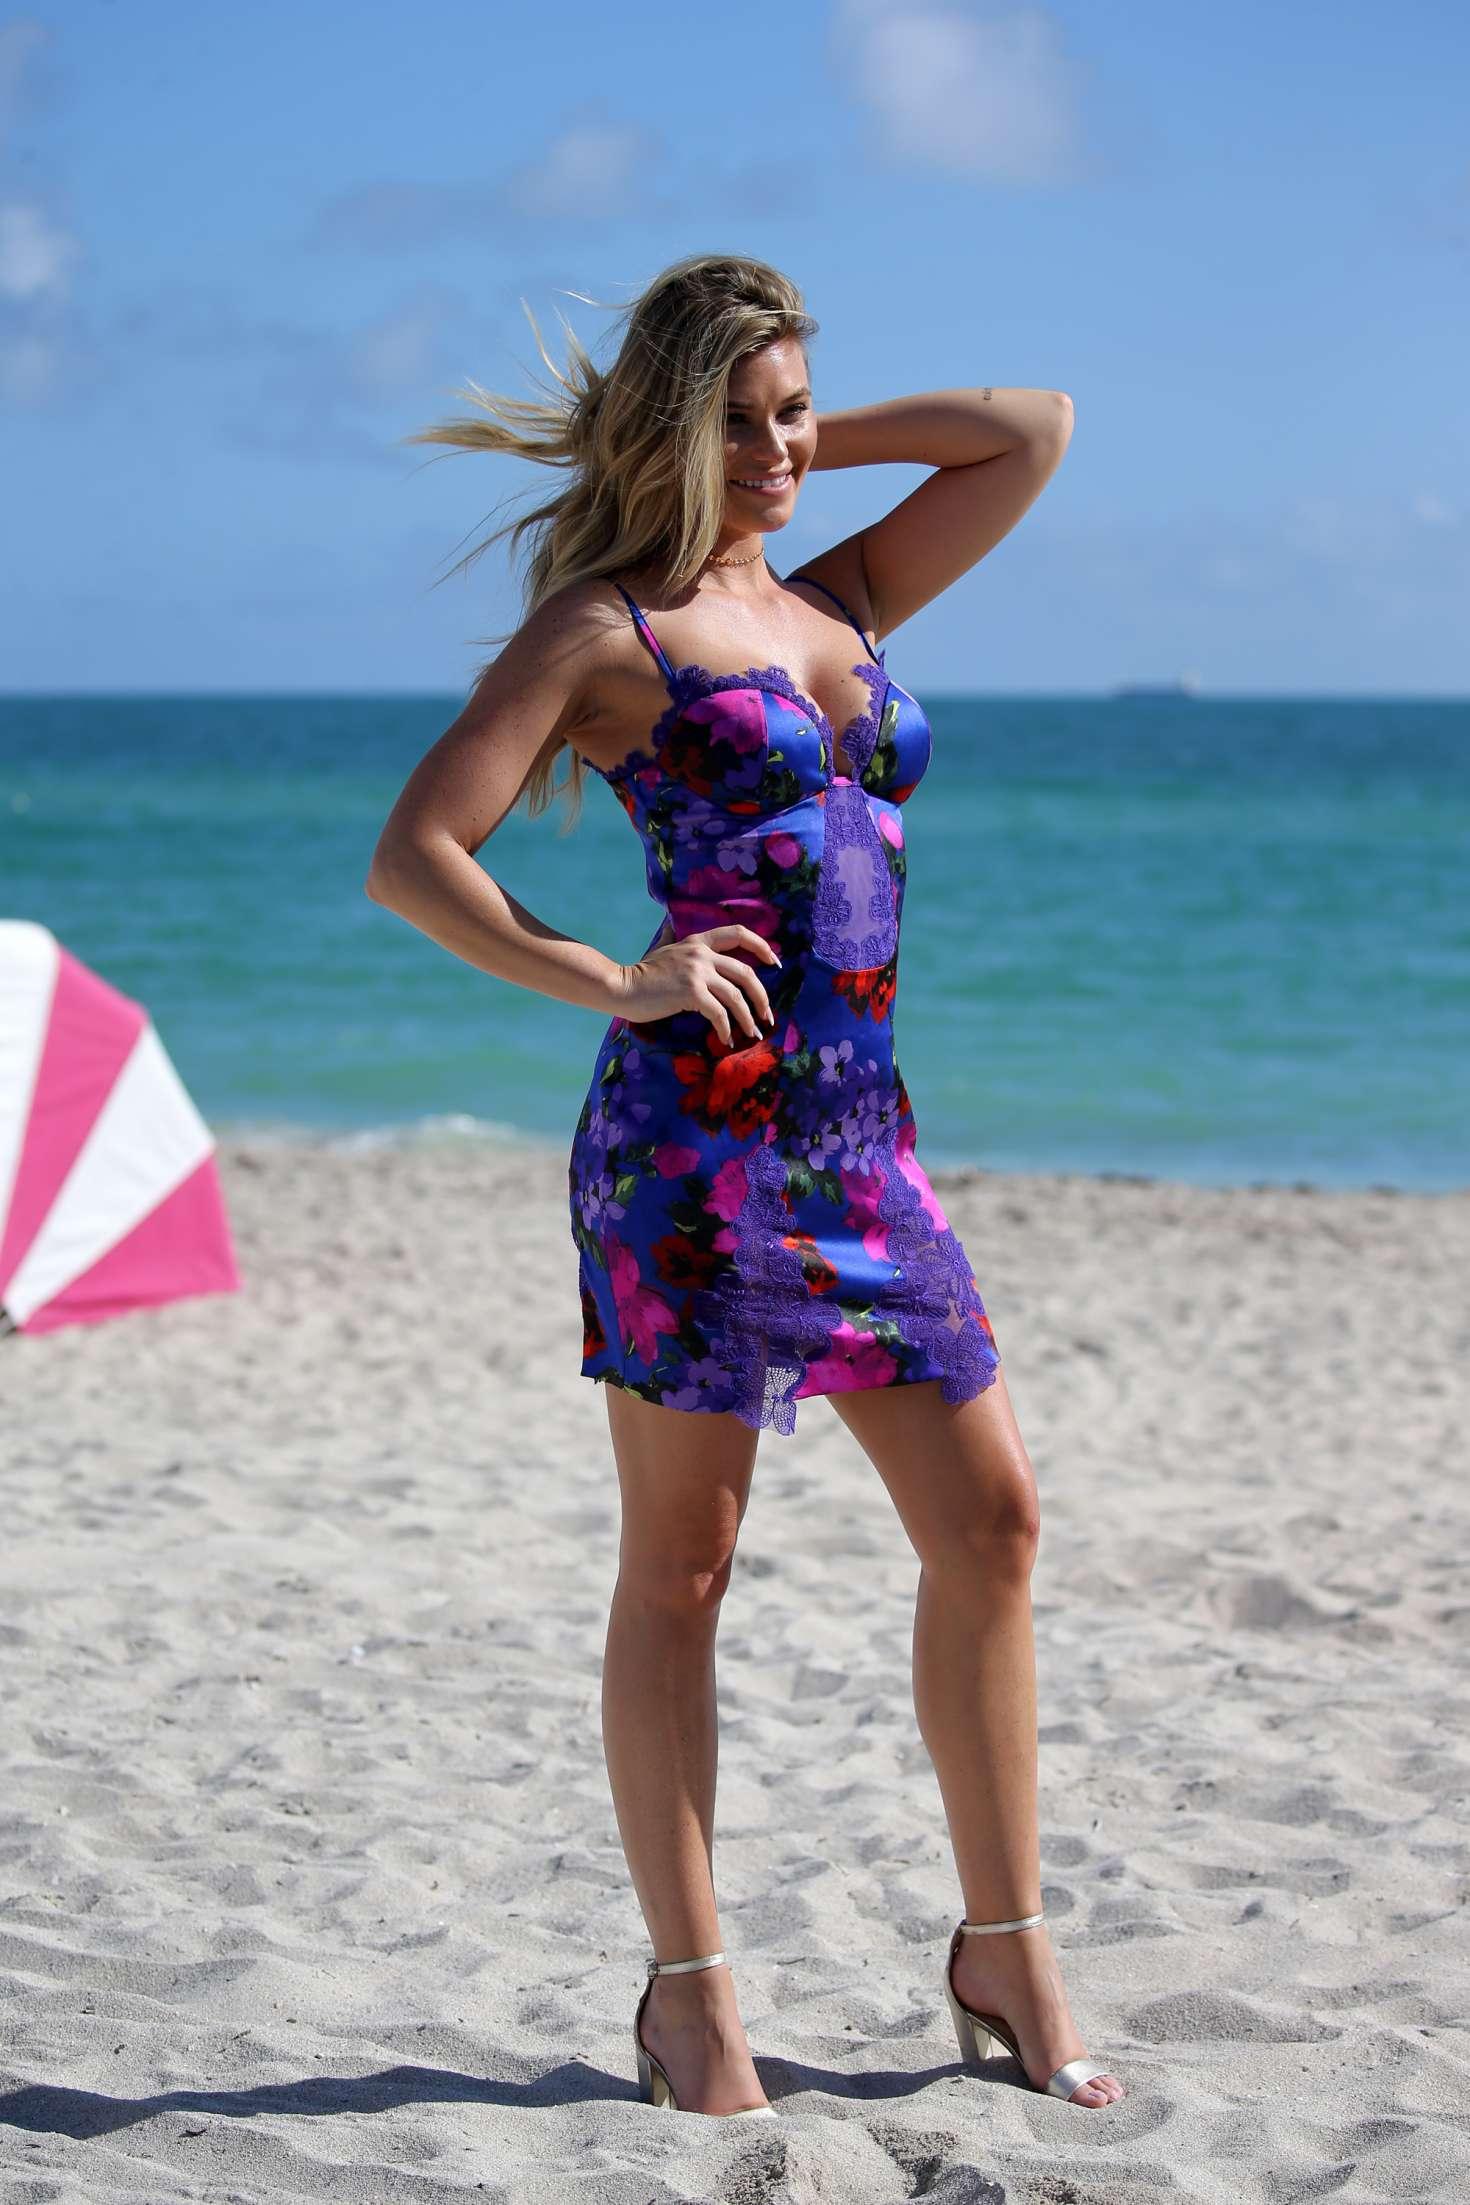 Samantha Hoopes 2017 : Samantha Hoopes: Sports Illustrated Swimsuit Island -71